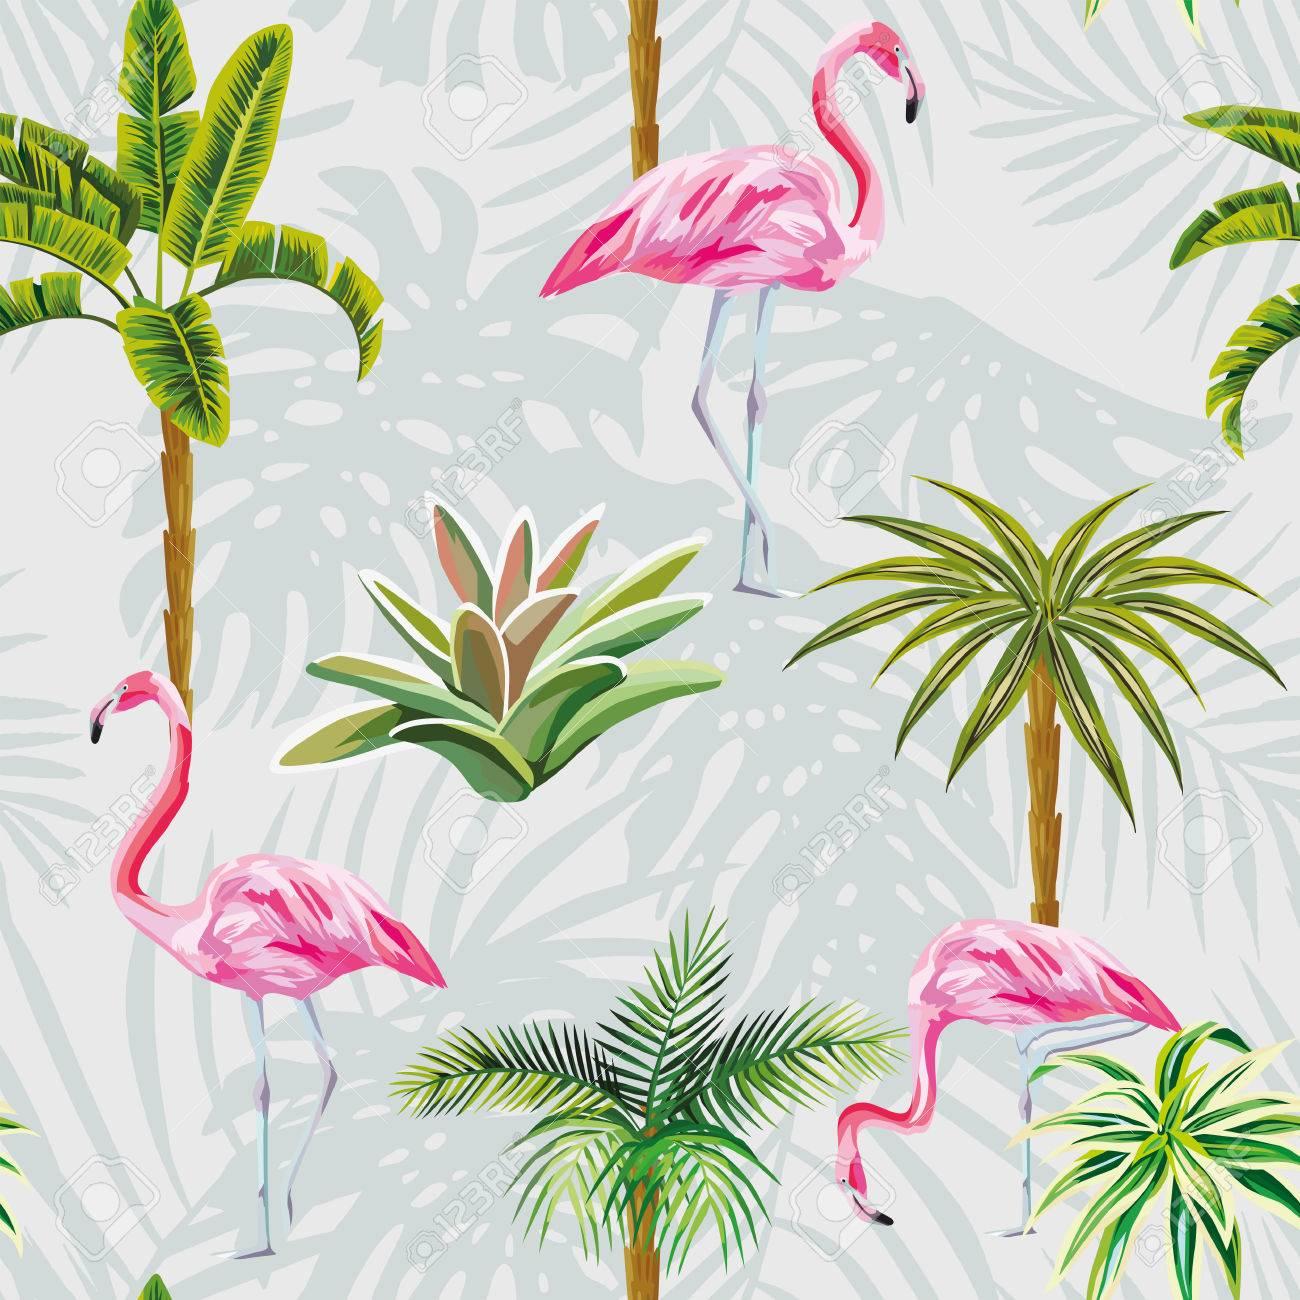 Magnifiques Oiseaux Tropicaux Flamants Roses Avec Des Palmiers Et